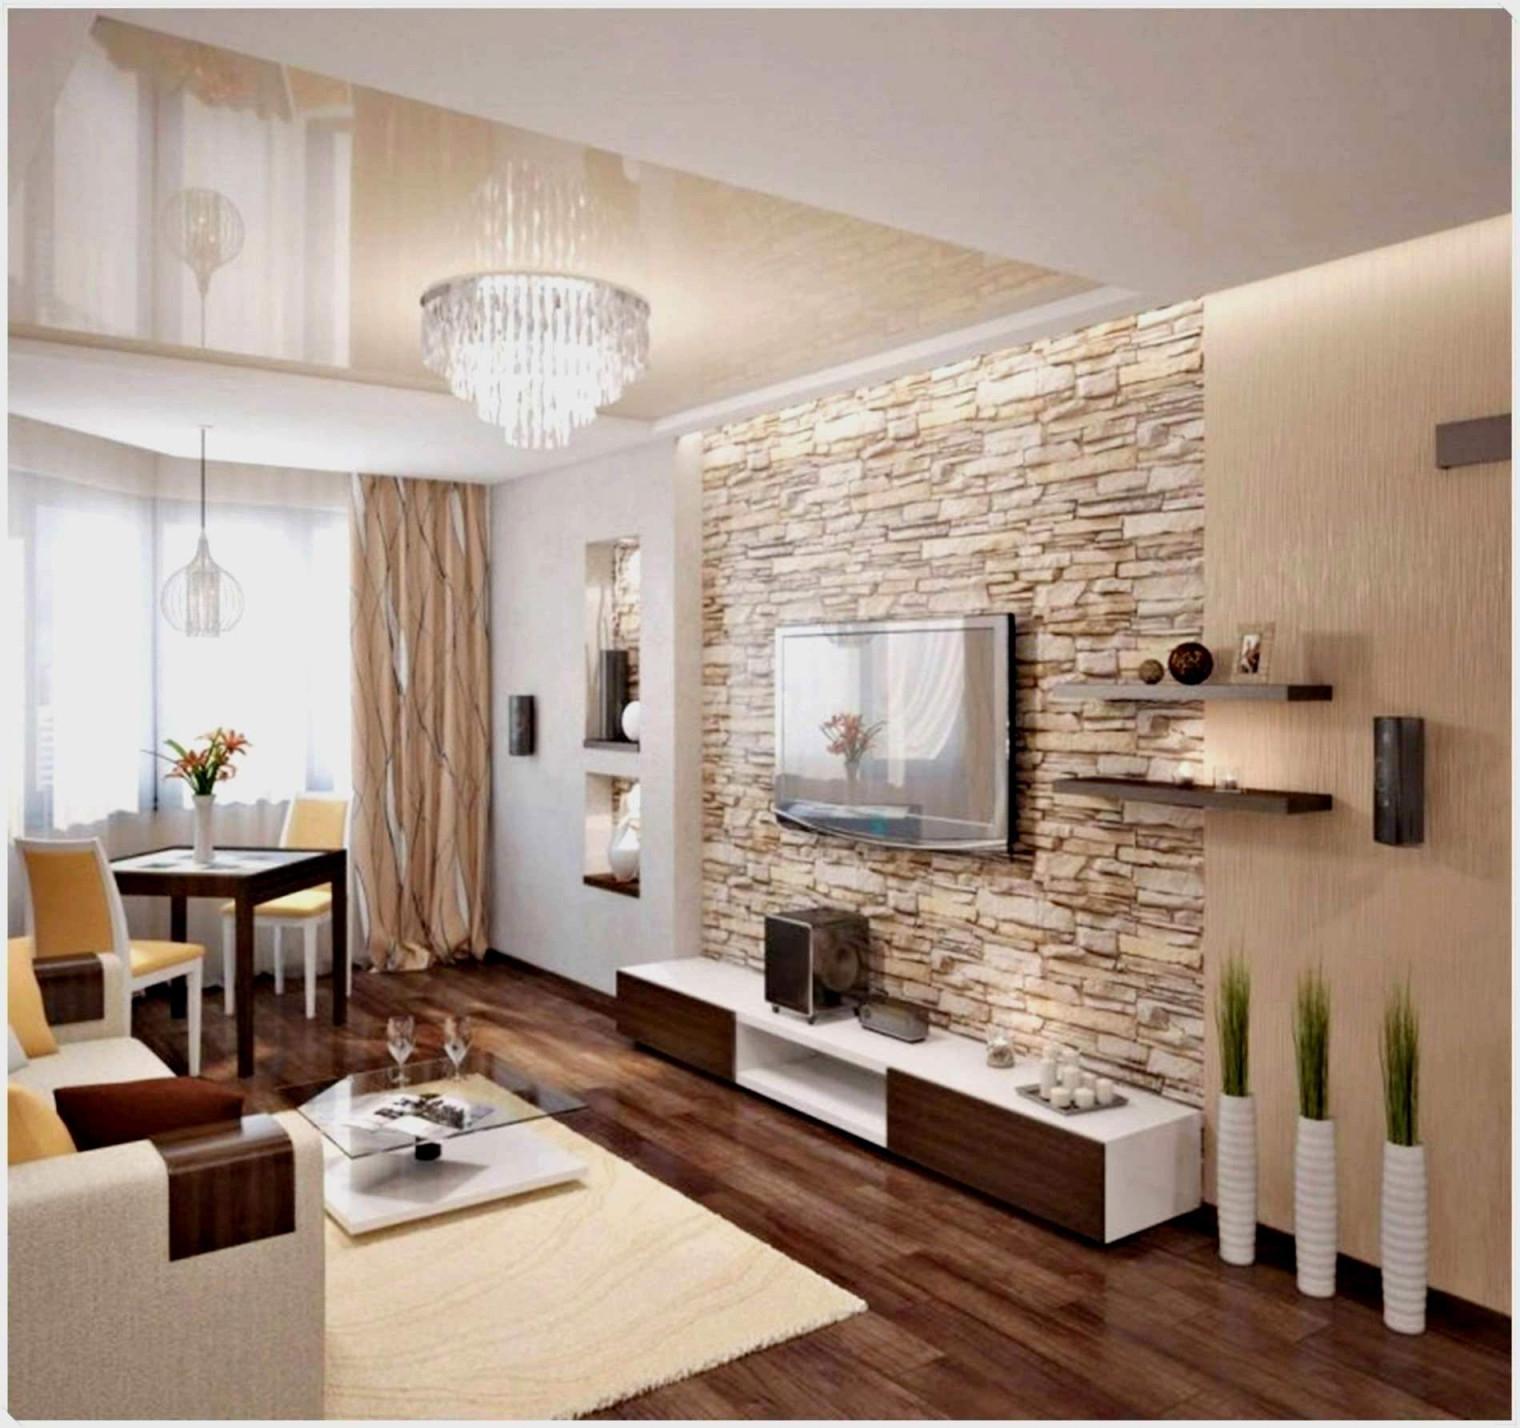 Moderne Deko Wohnzimmer Neu Elegant Dekoartikel Wohnzimmer von Wohnzimmer Dekorieren Bilder Bild